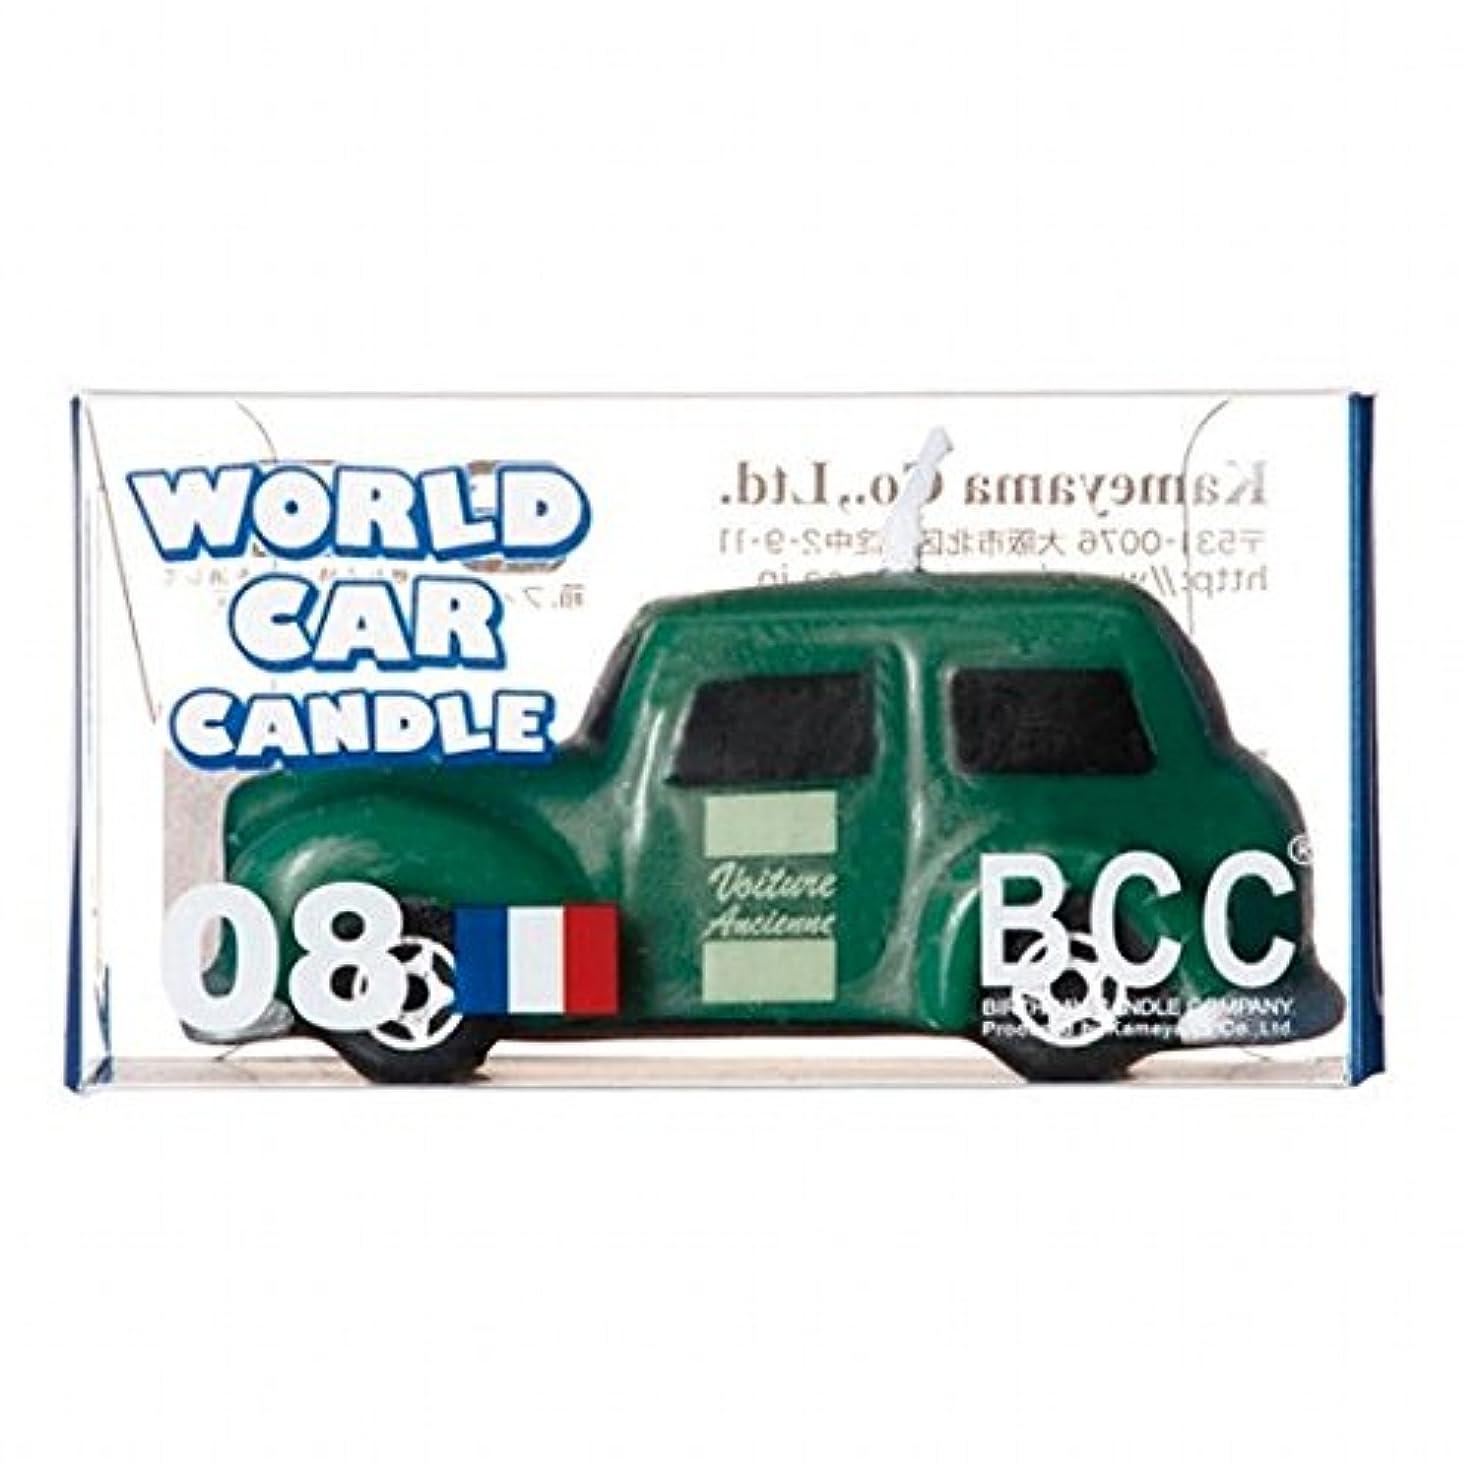 困惑する騒ぎ外観カメヤマキャンドル( kameyama candle ) ワールドカーキャンドルクラシックカー(フランス)